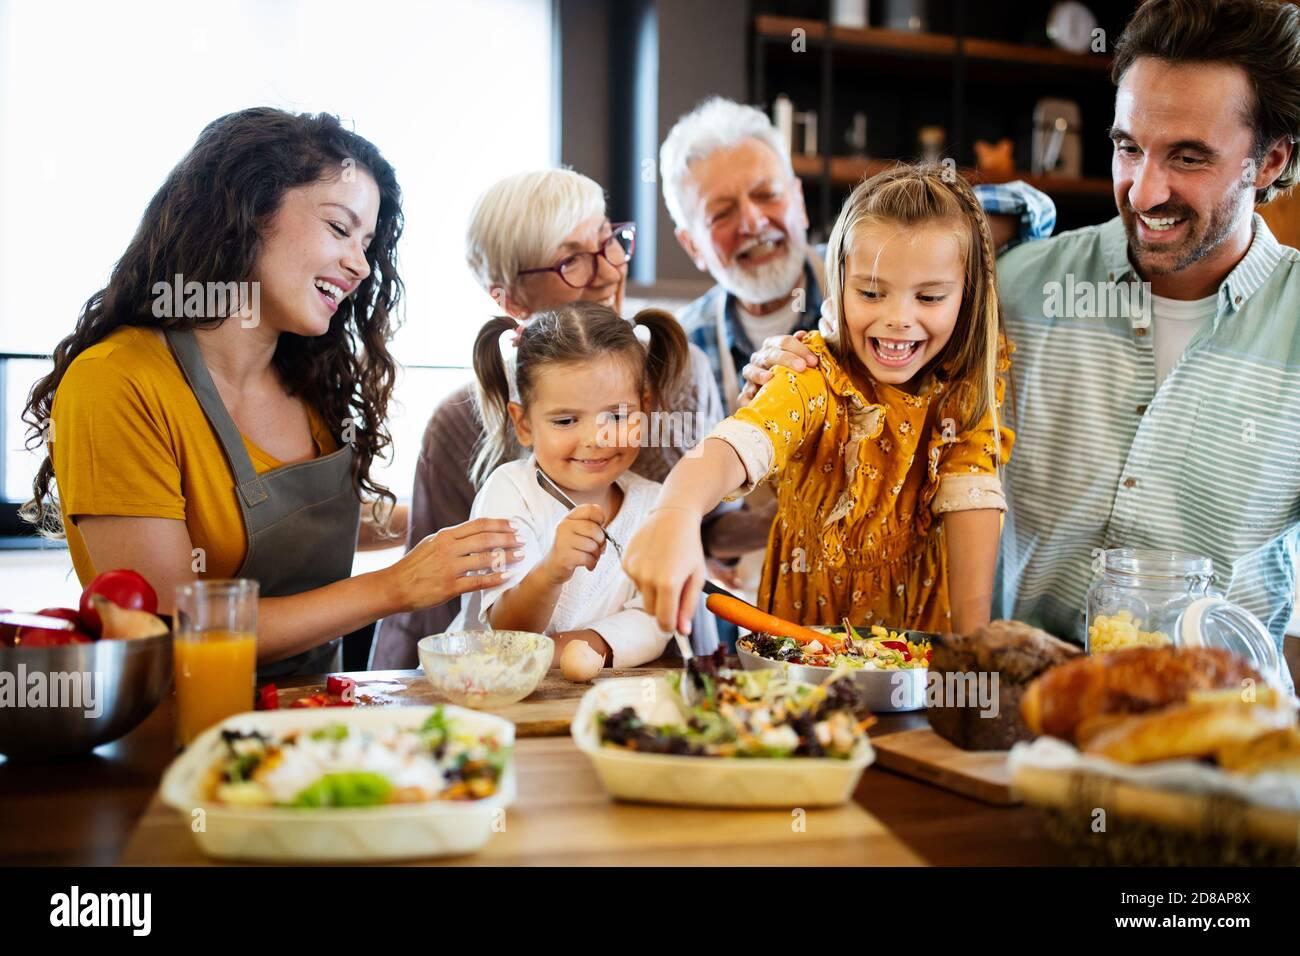 Heureux en famille passer du temps de qualité ensemble dans la cuisine Banque D'Images